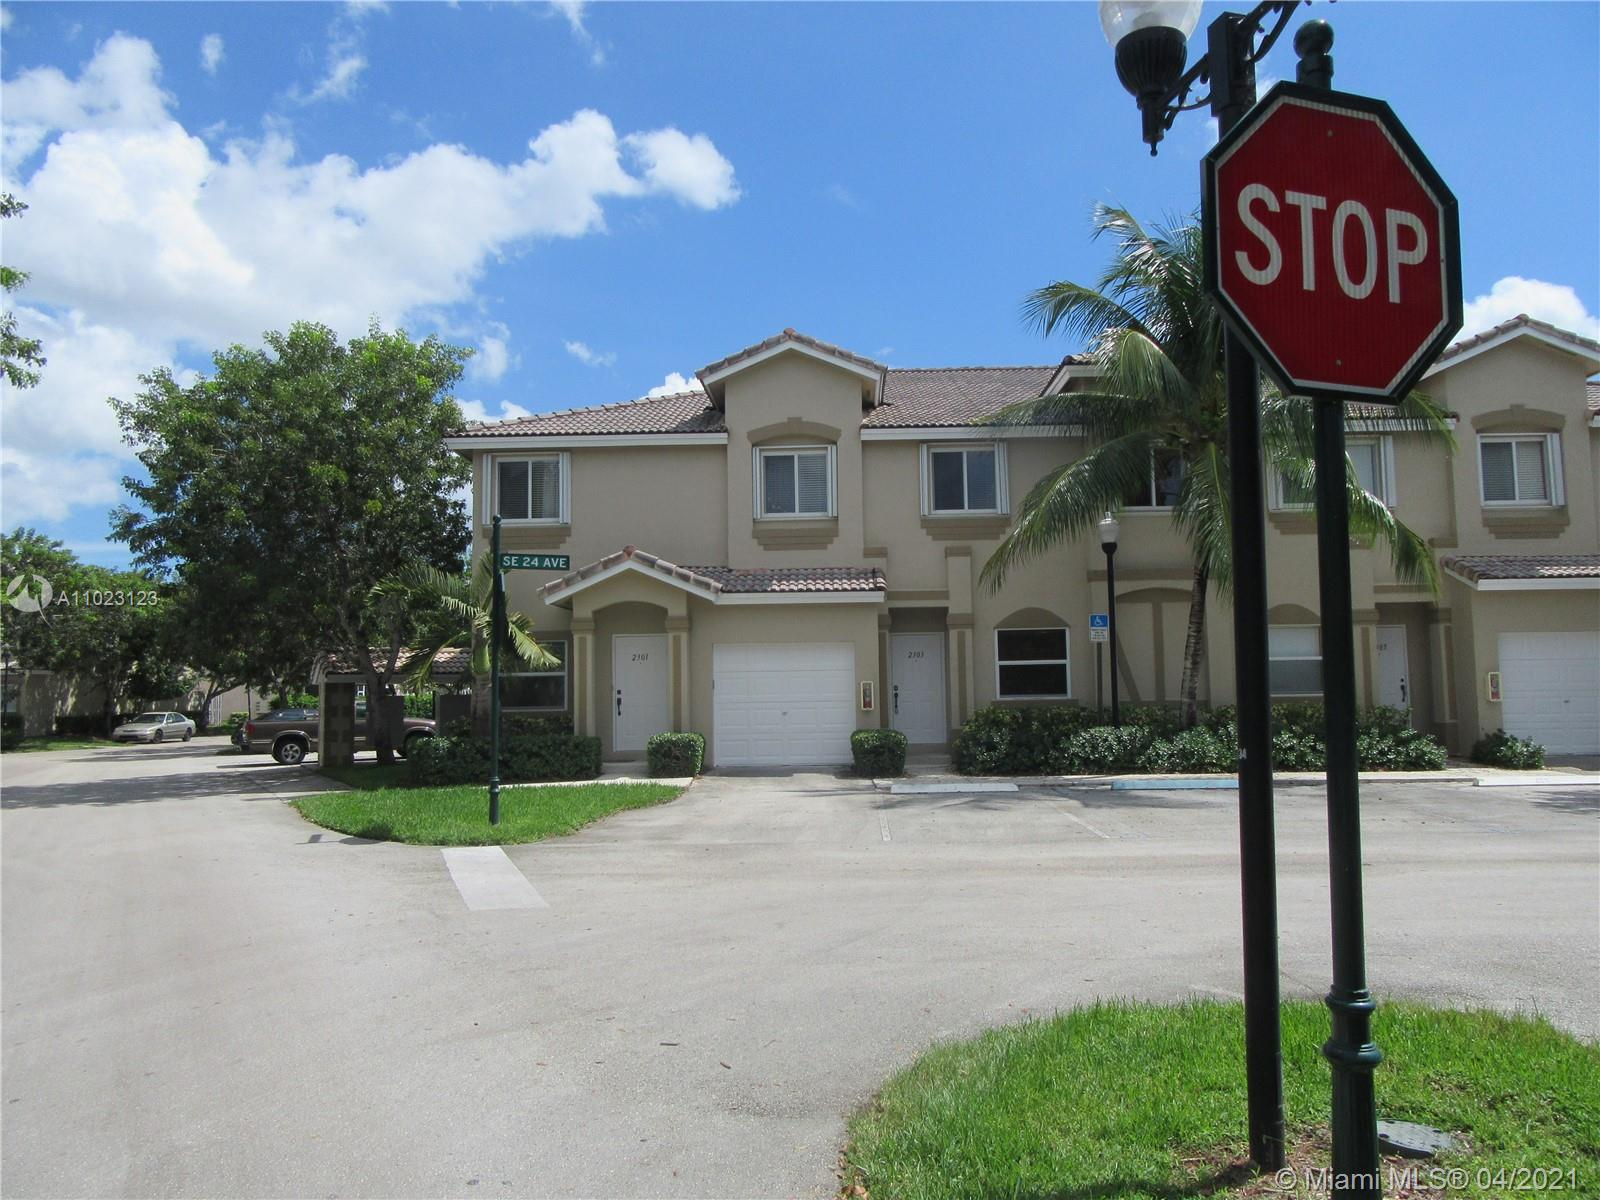 2303 Se 24th Ave #2303 Property Photo